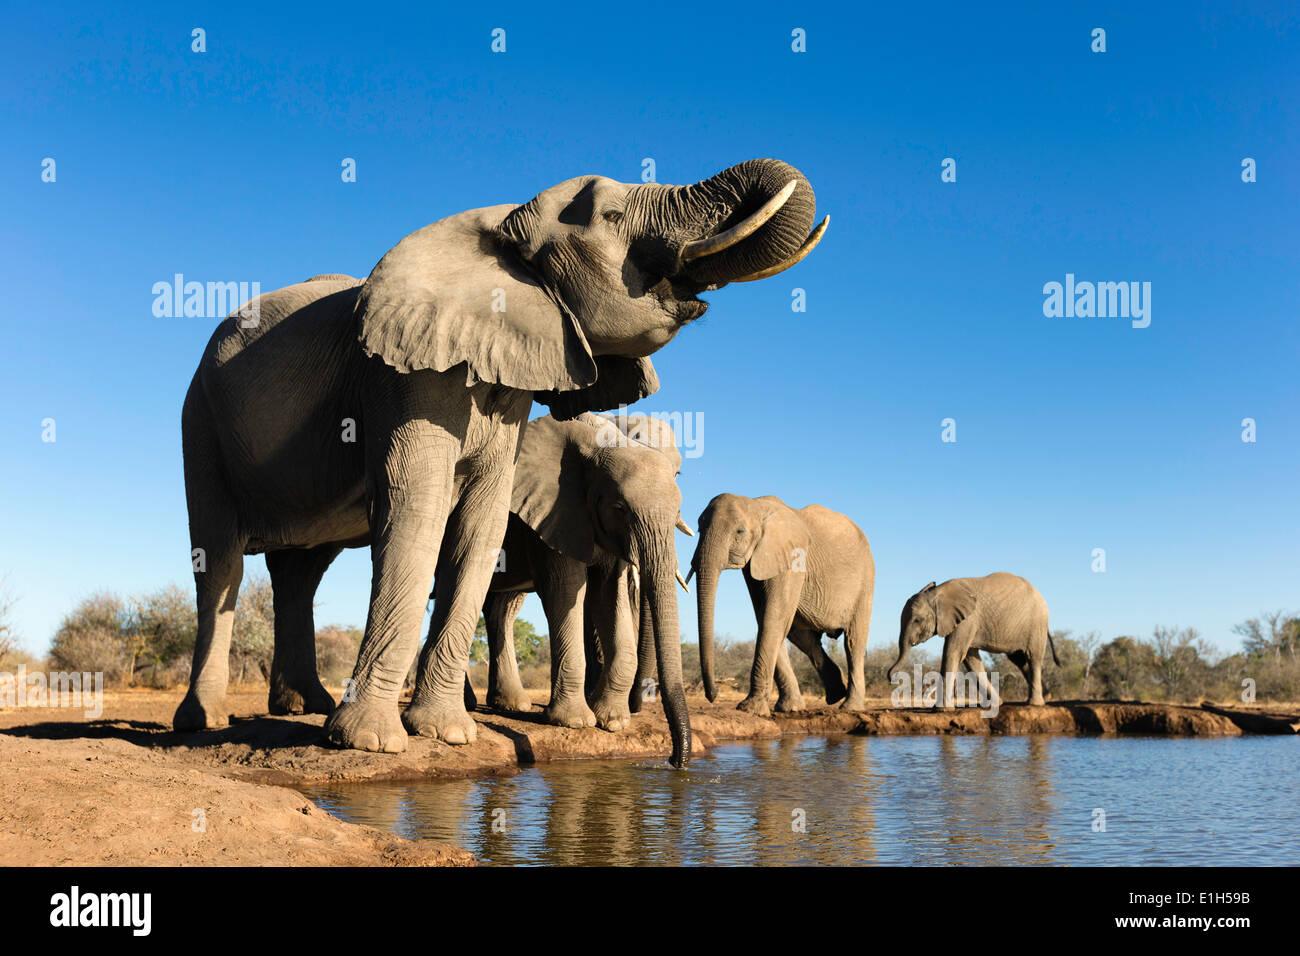 Un pequeño grupo de elefante africano (Loxodonta africana) beber en el abrevadero, Reserva de Caza de Mashatu, Botswana, África Foto de stock